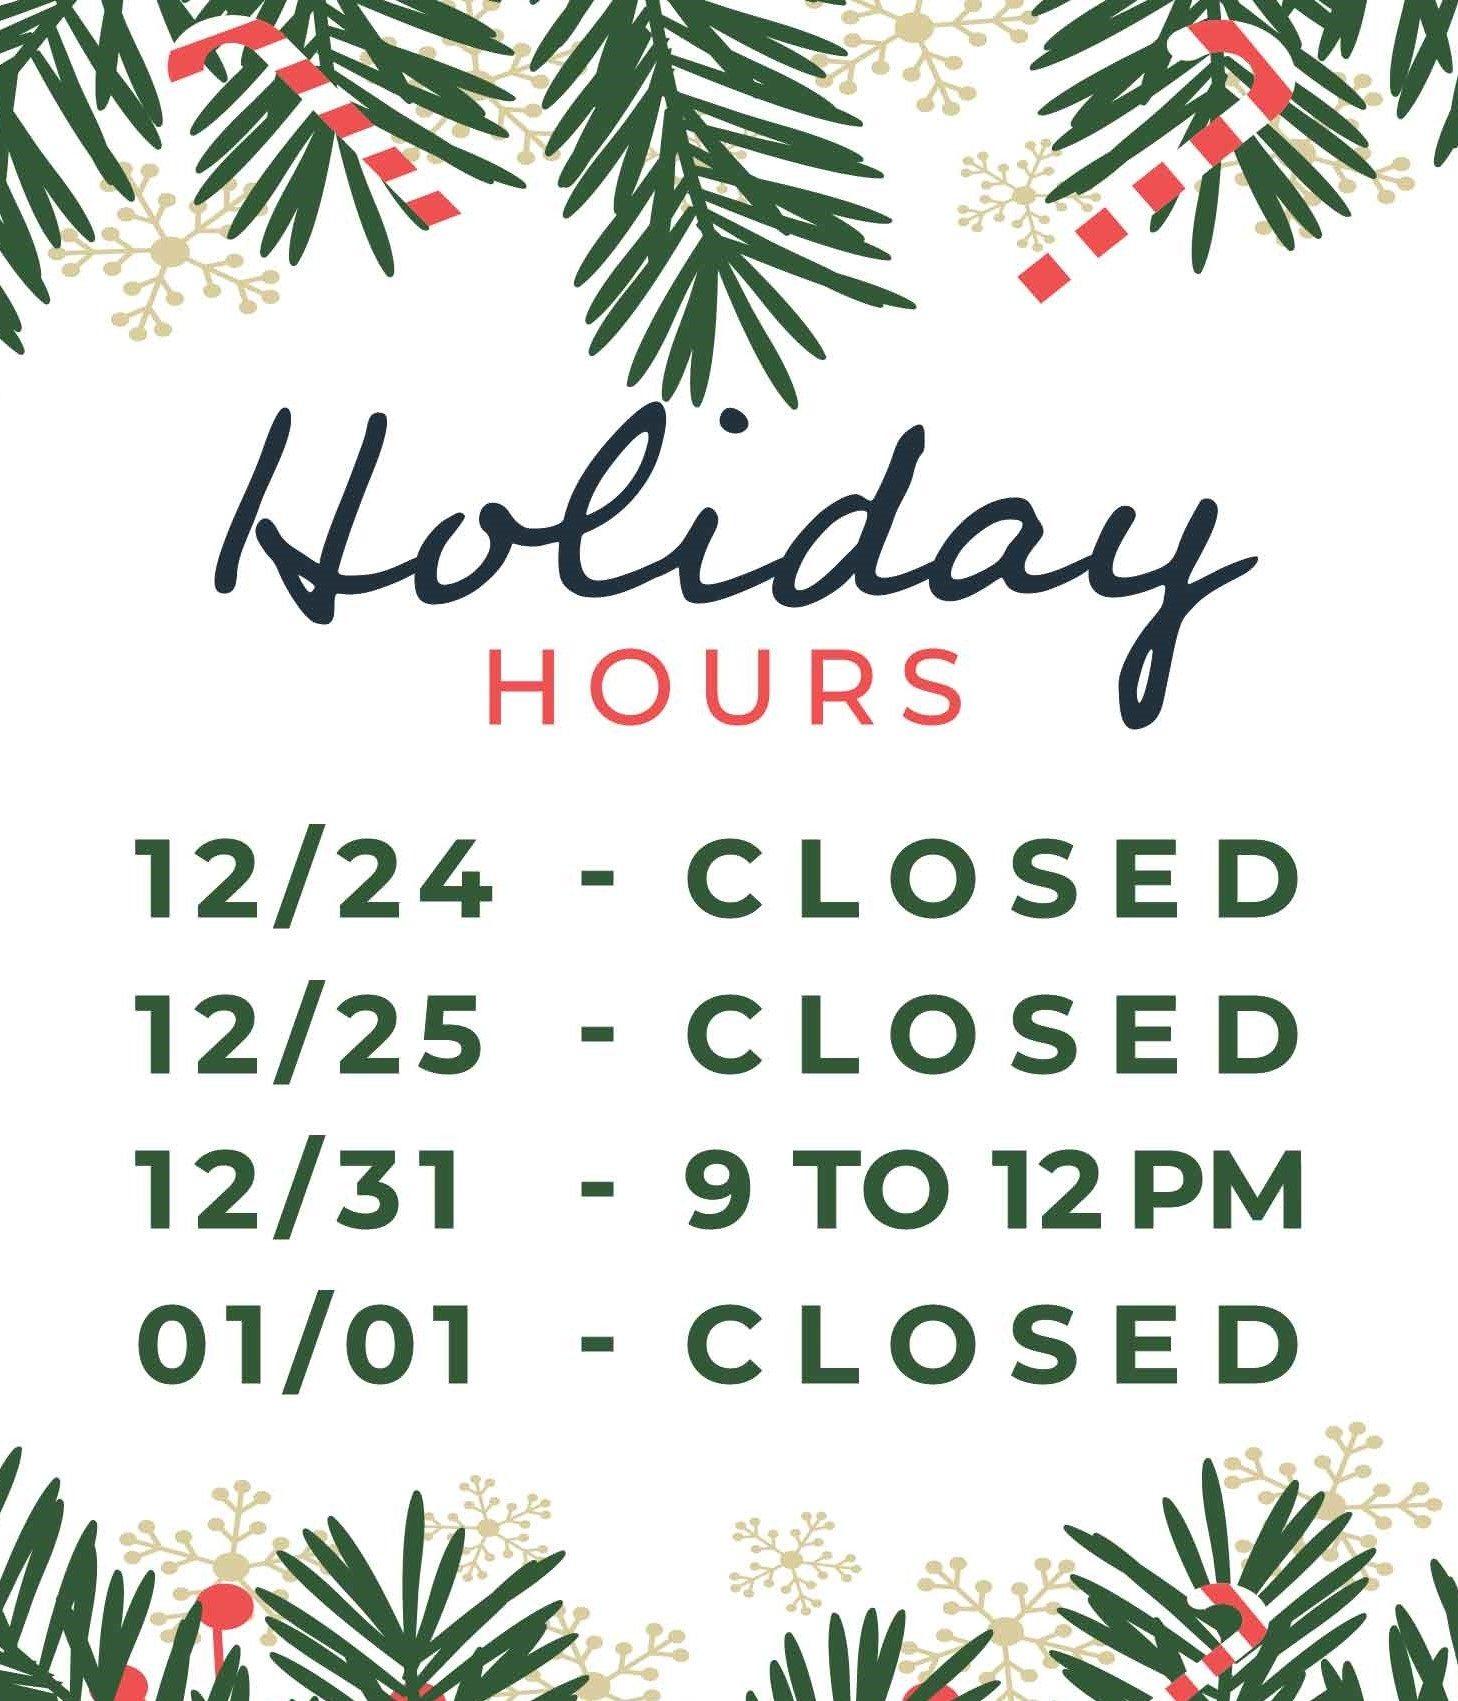 Arizona Office holiday hours